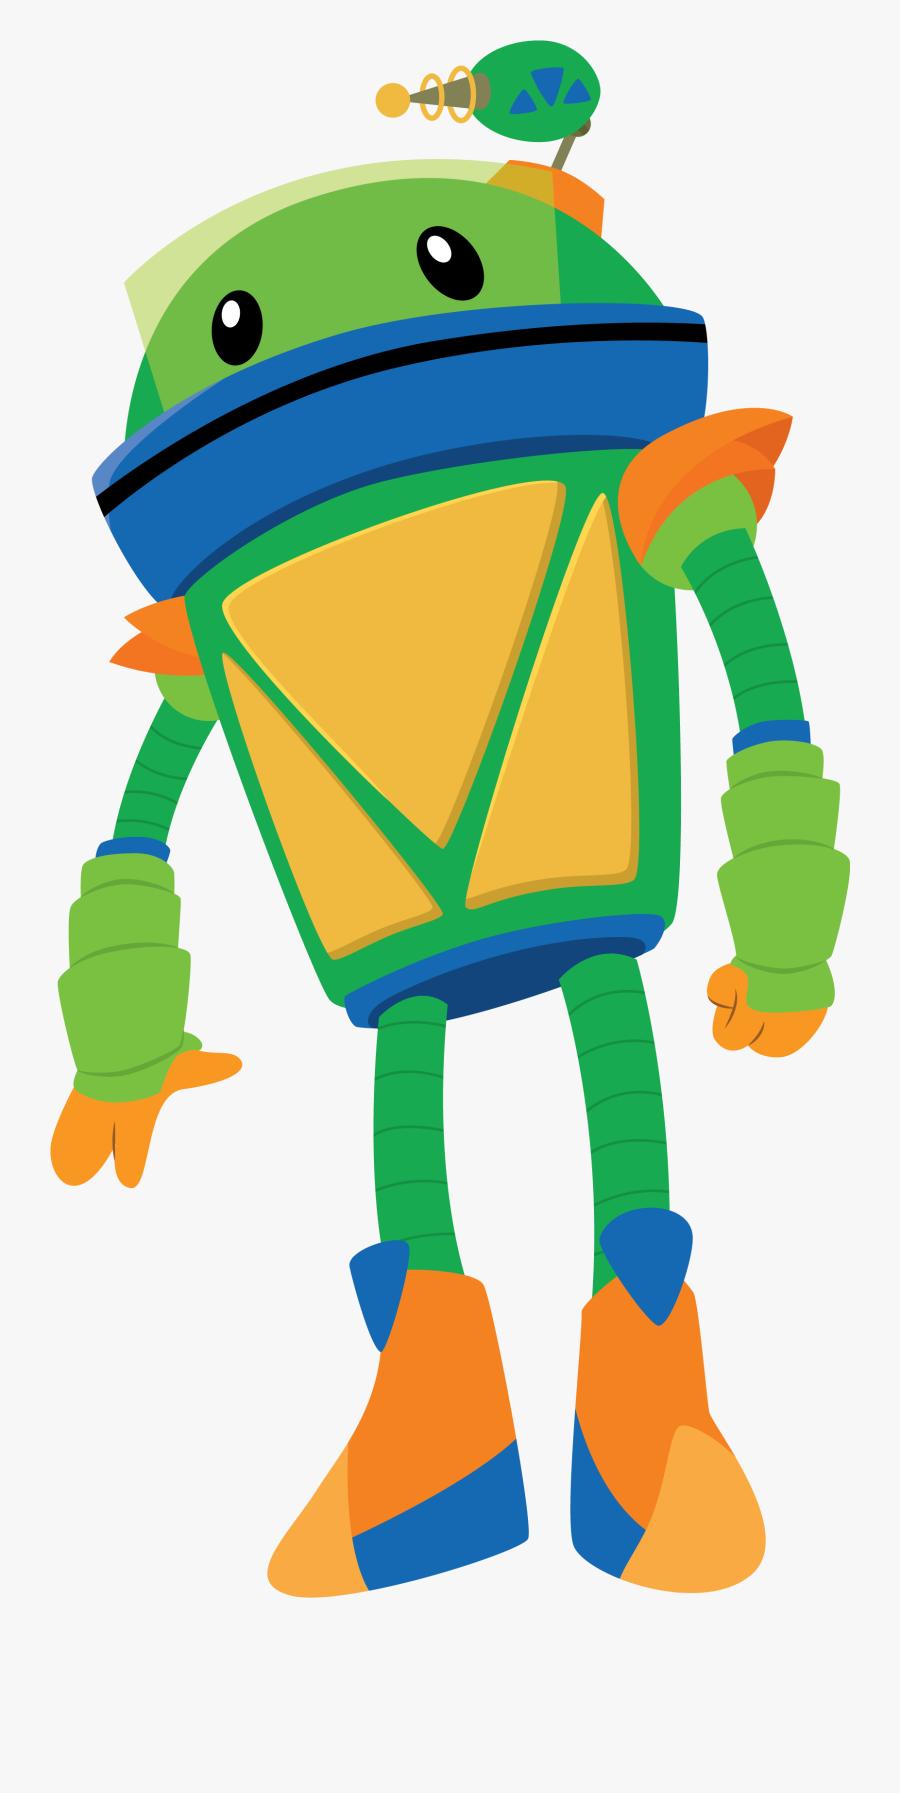 Transparent Bot Team Umizoomi , Transparent Cartoons - Robot From Team Umizoomi, Transparent Clipart